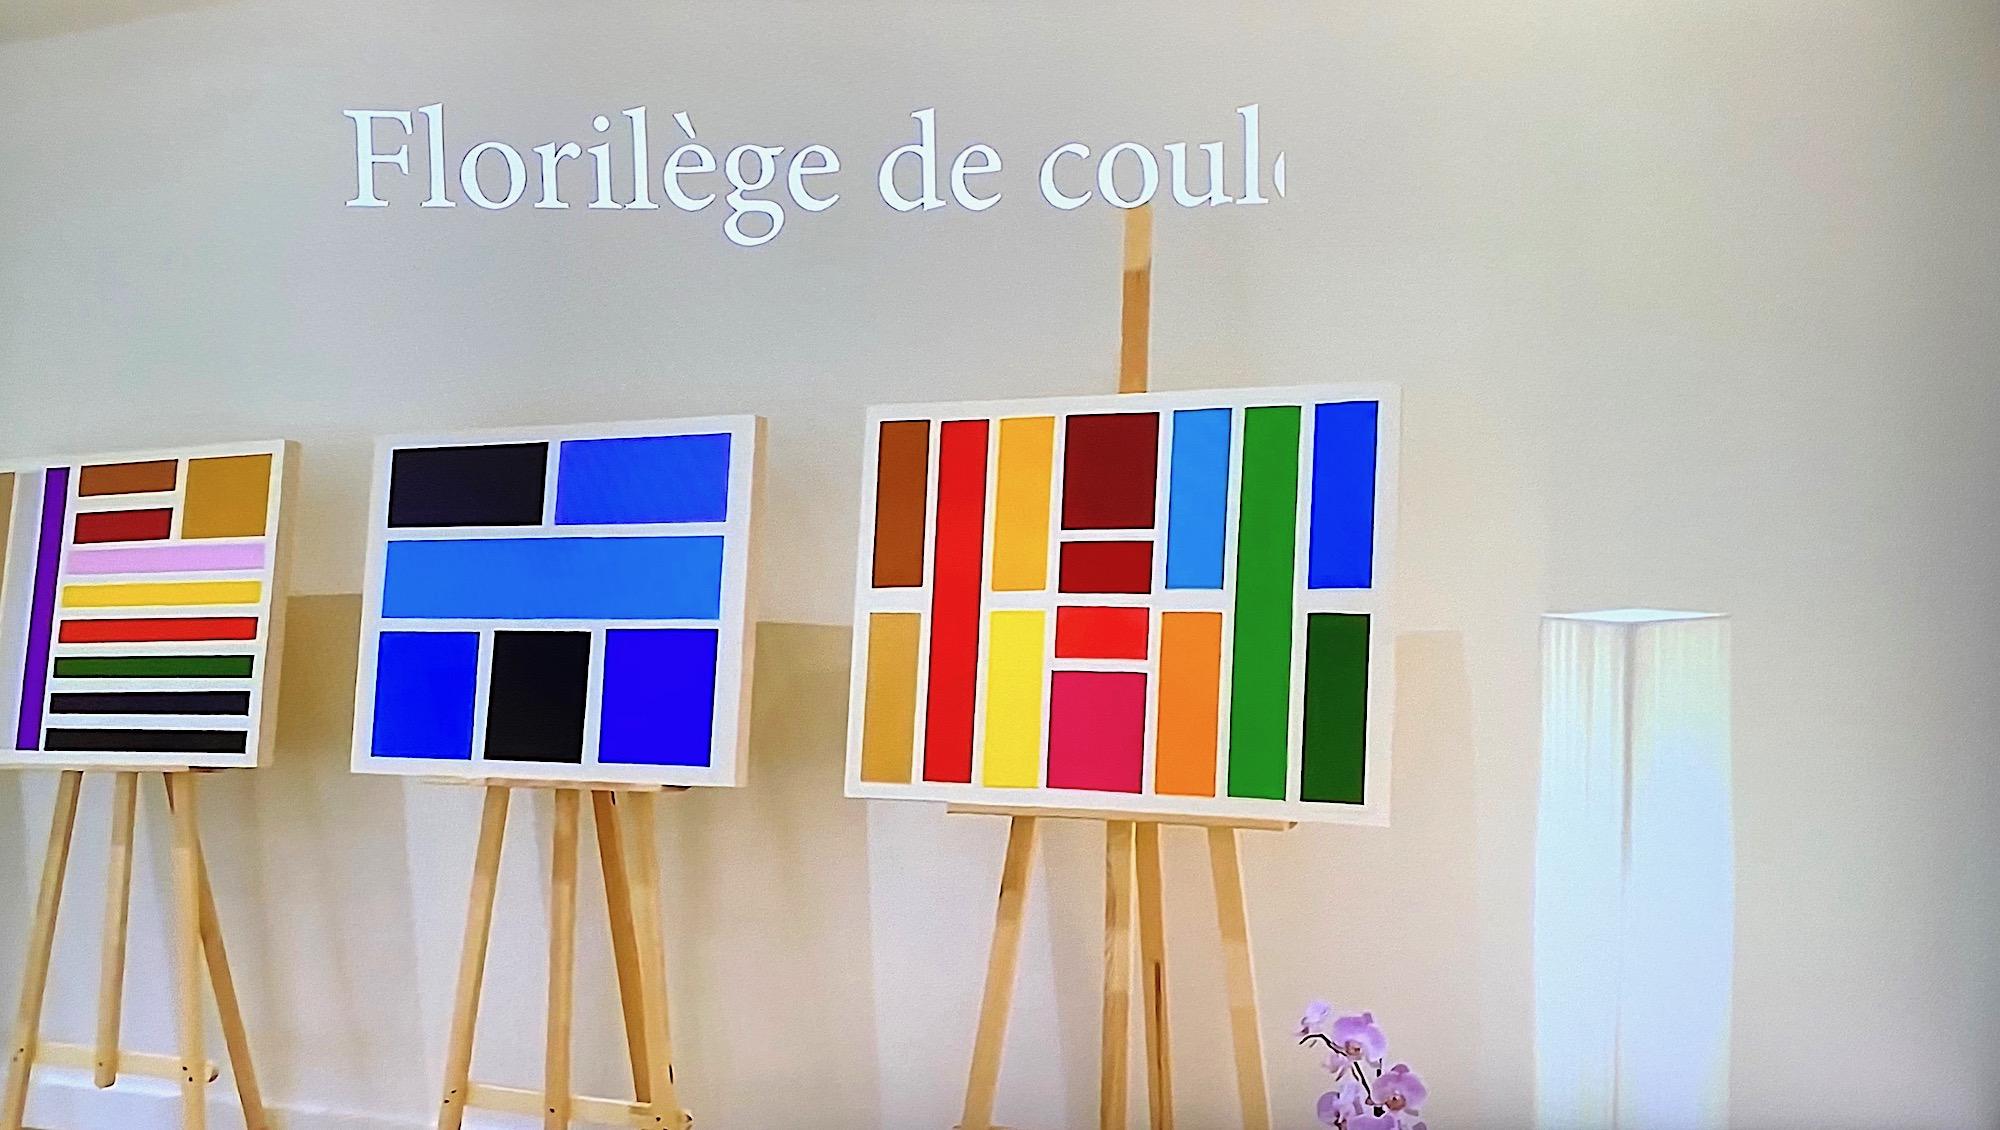 MAMI / Images et Poésie, Florilège de couleurs ( Vidéo)